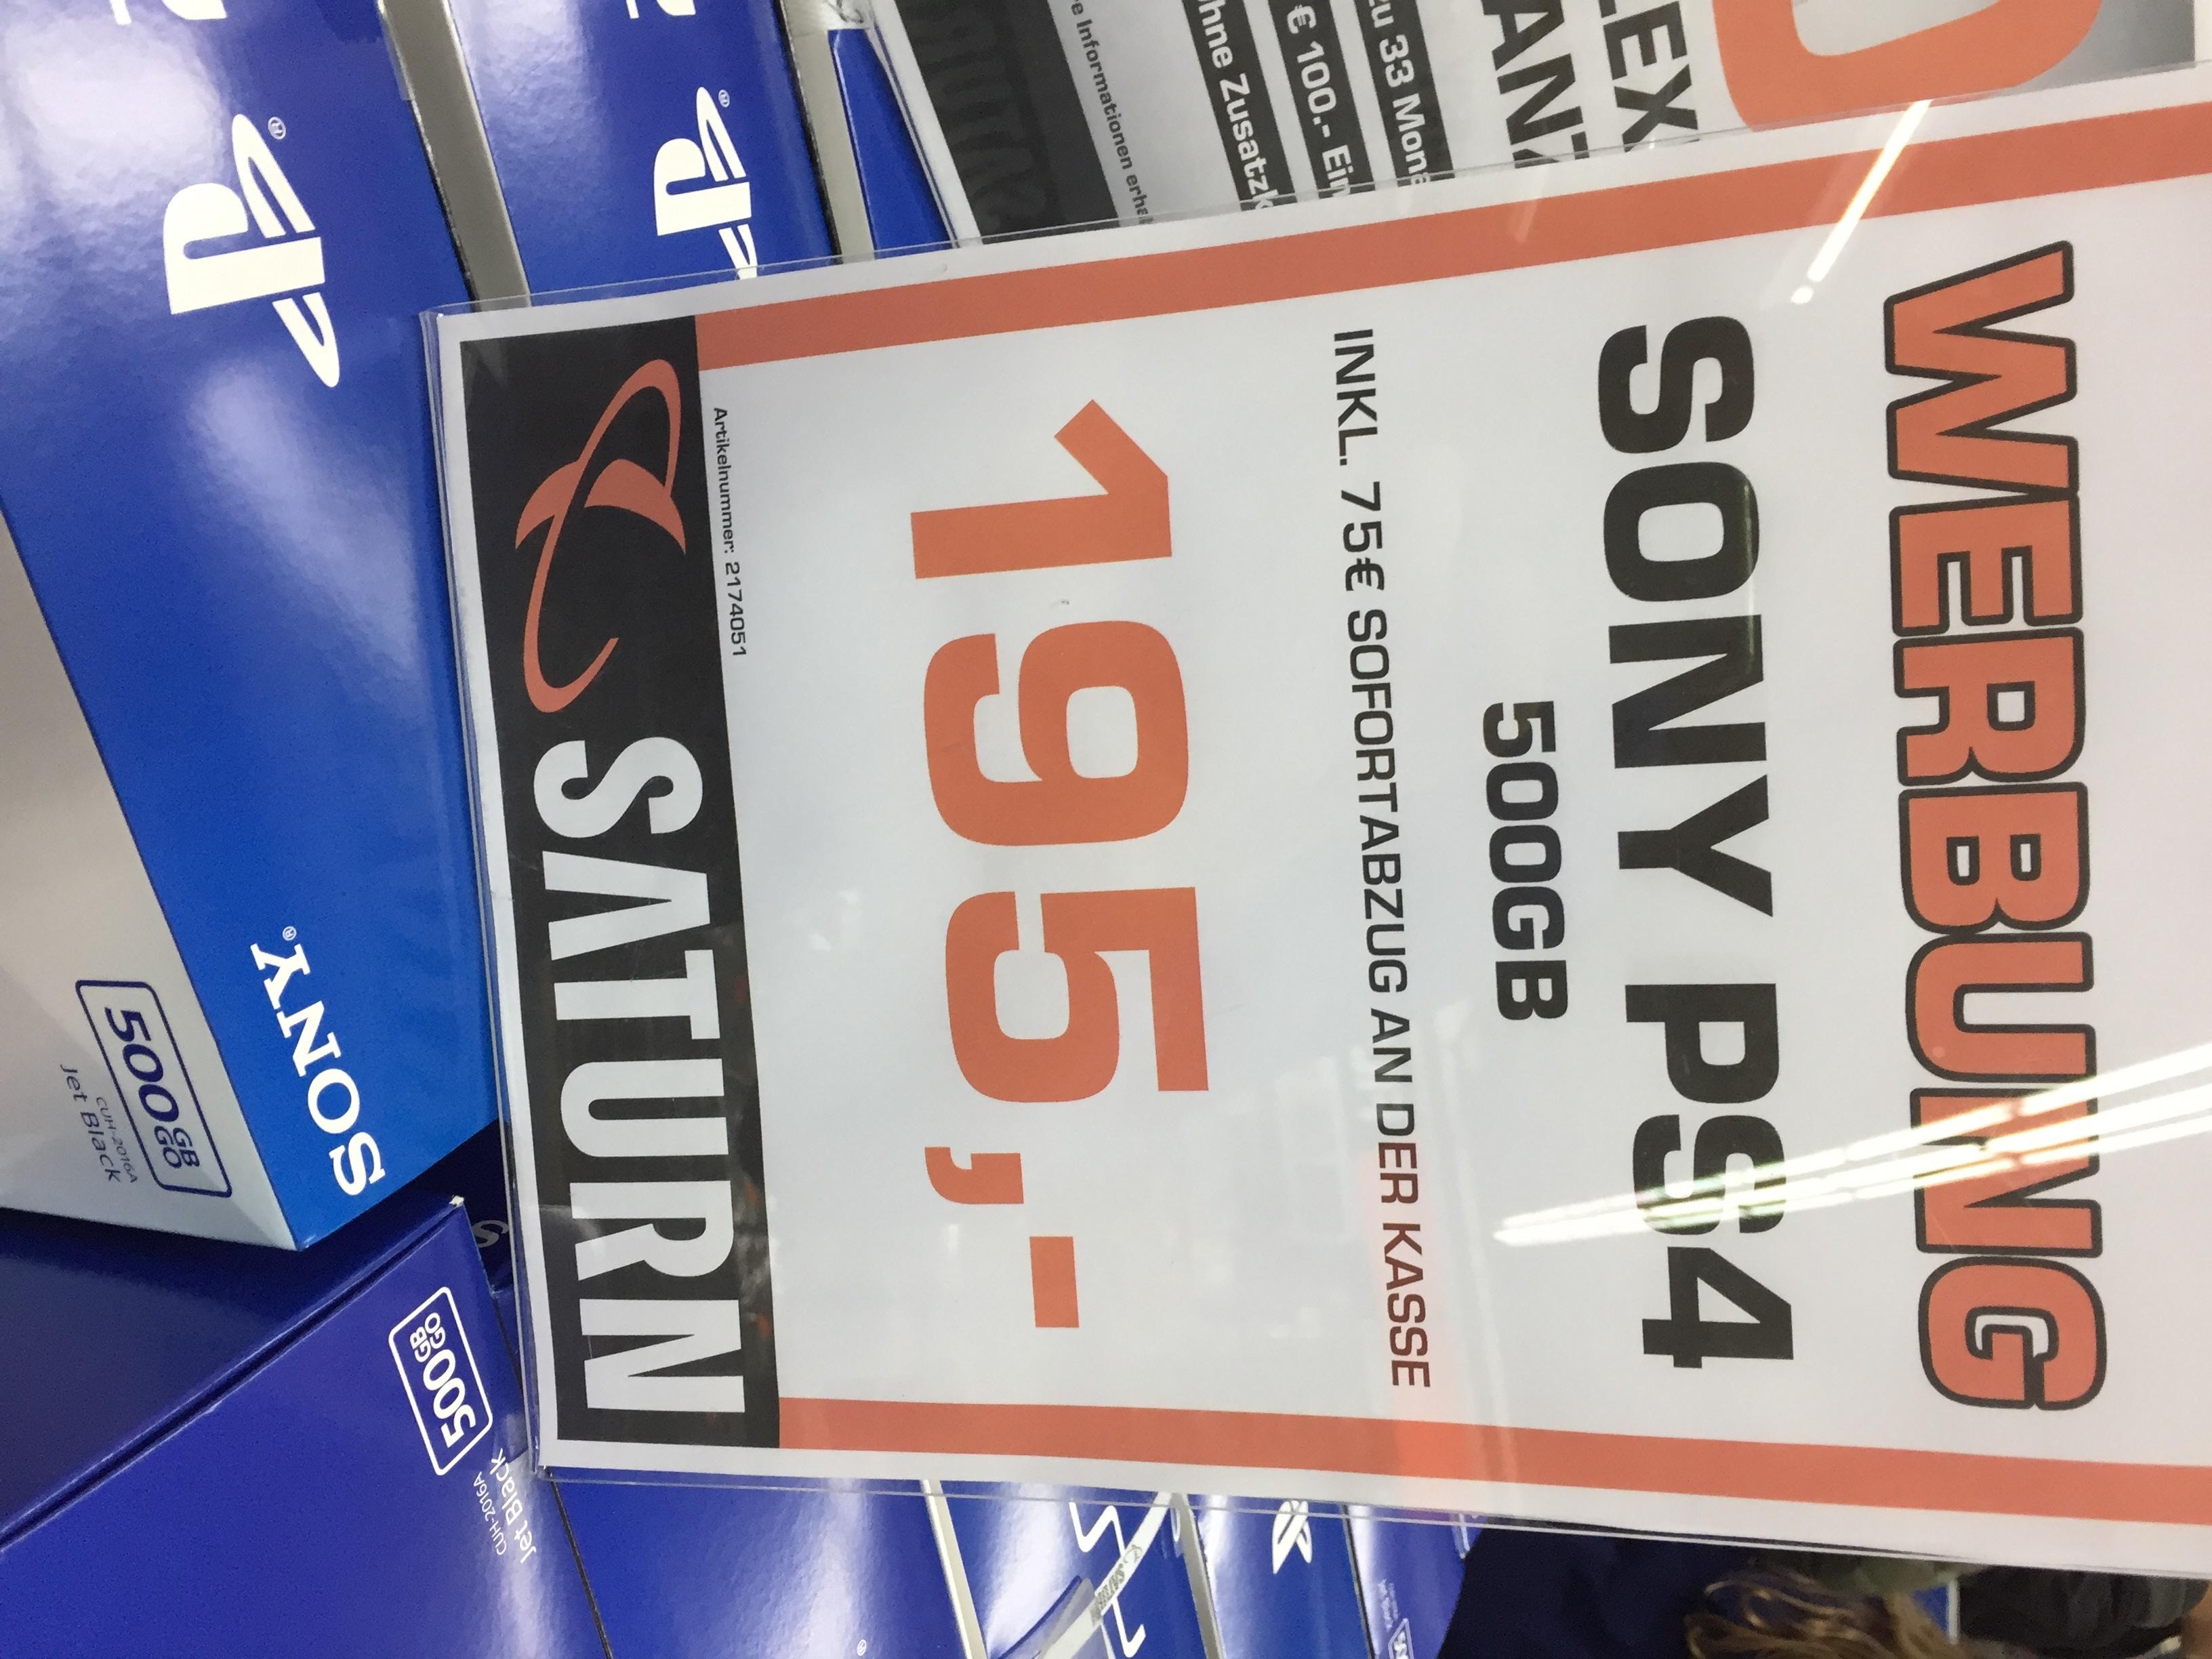 PS4 500 GB SLIM FÜR 195€ IM SATURN IN TRIER